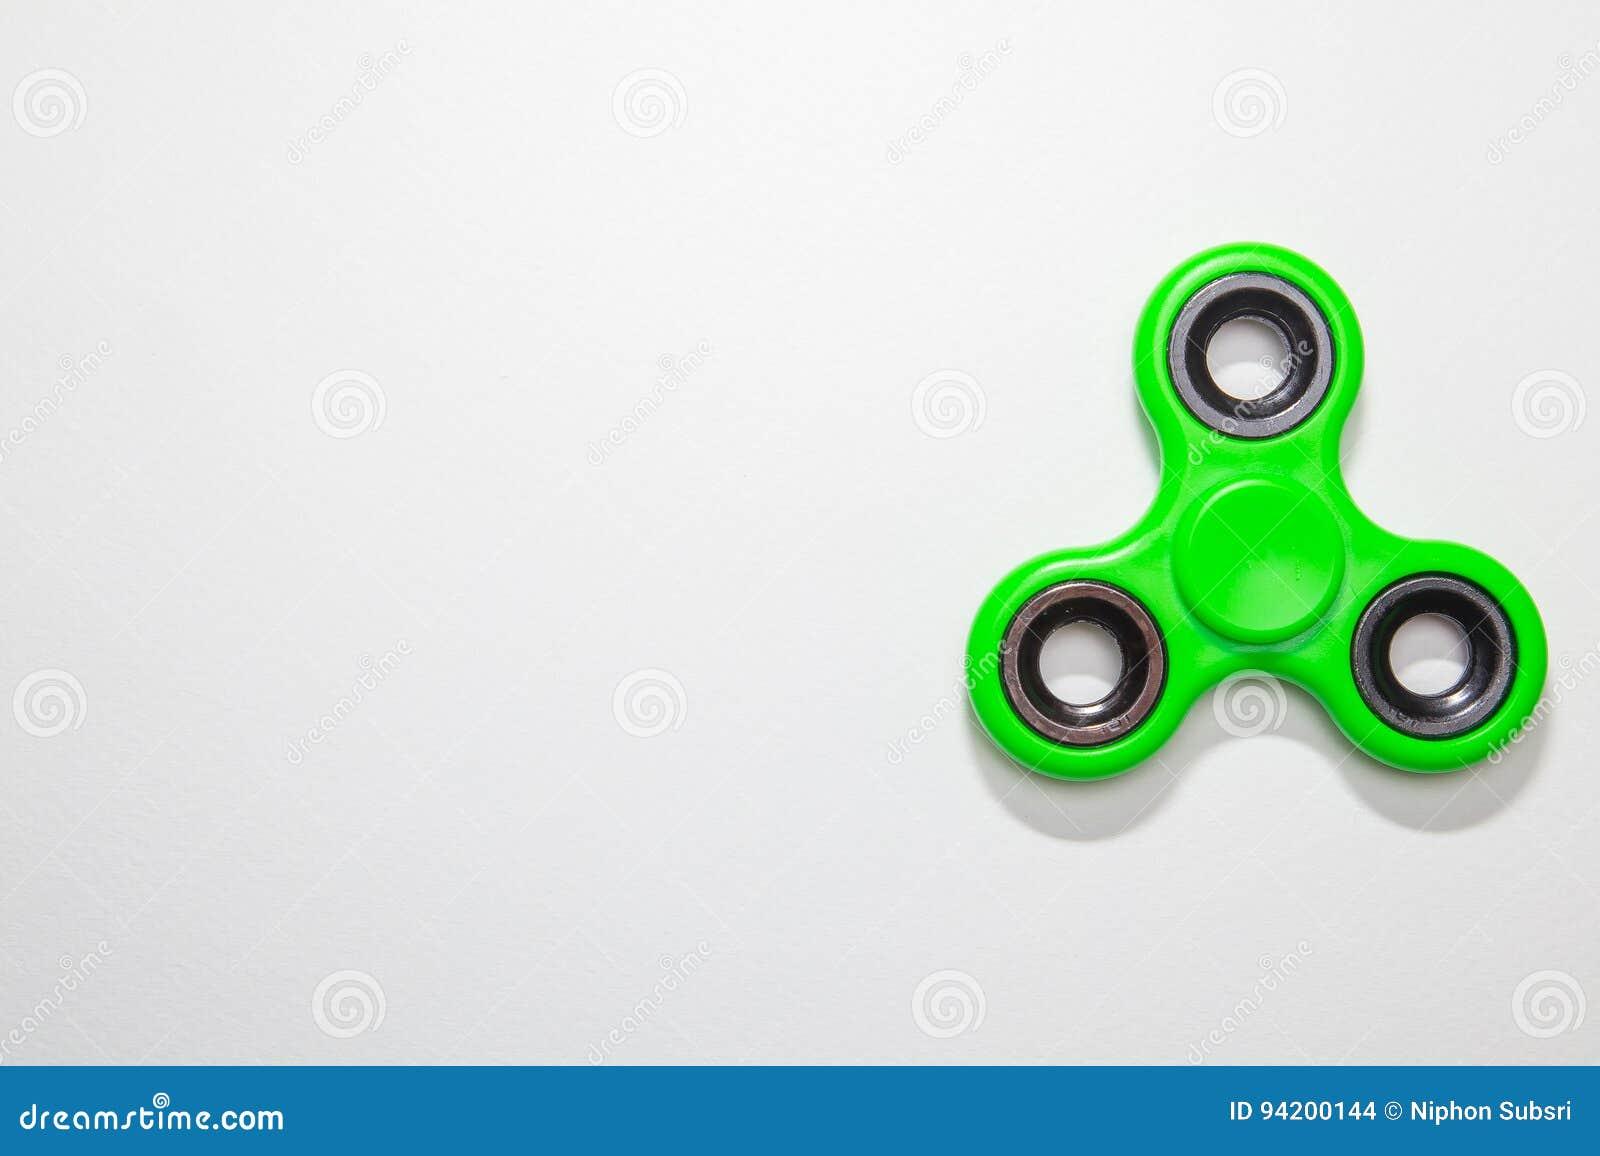 Зеленое изображение игрушки обтекателя втулки пальца непоседы